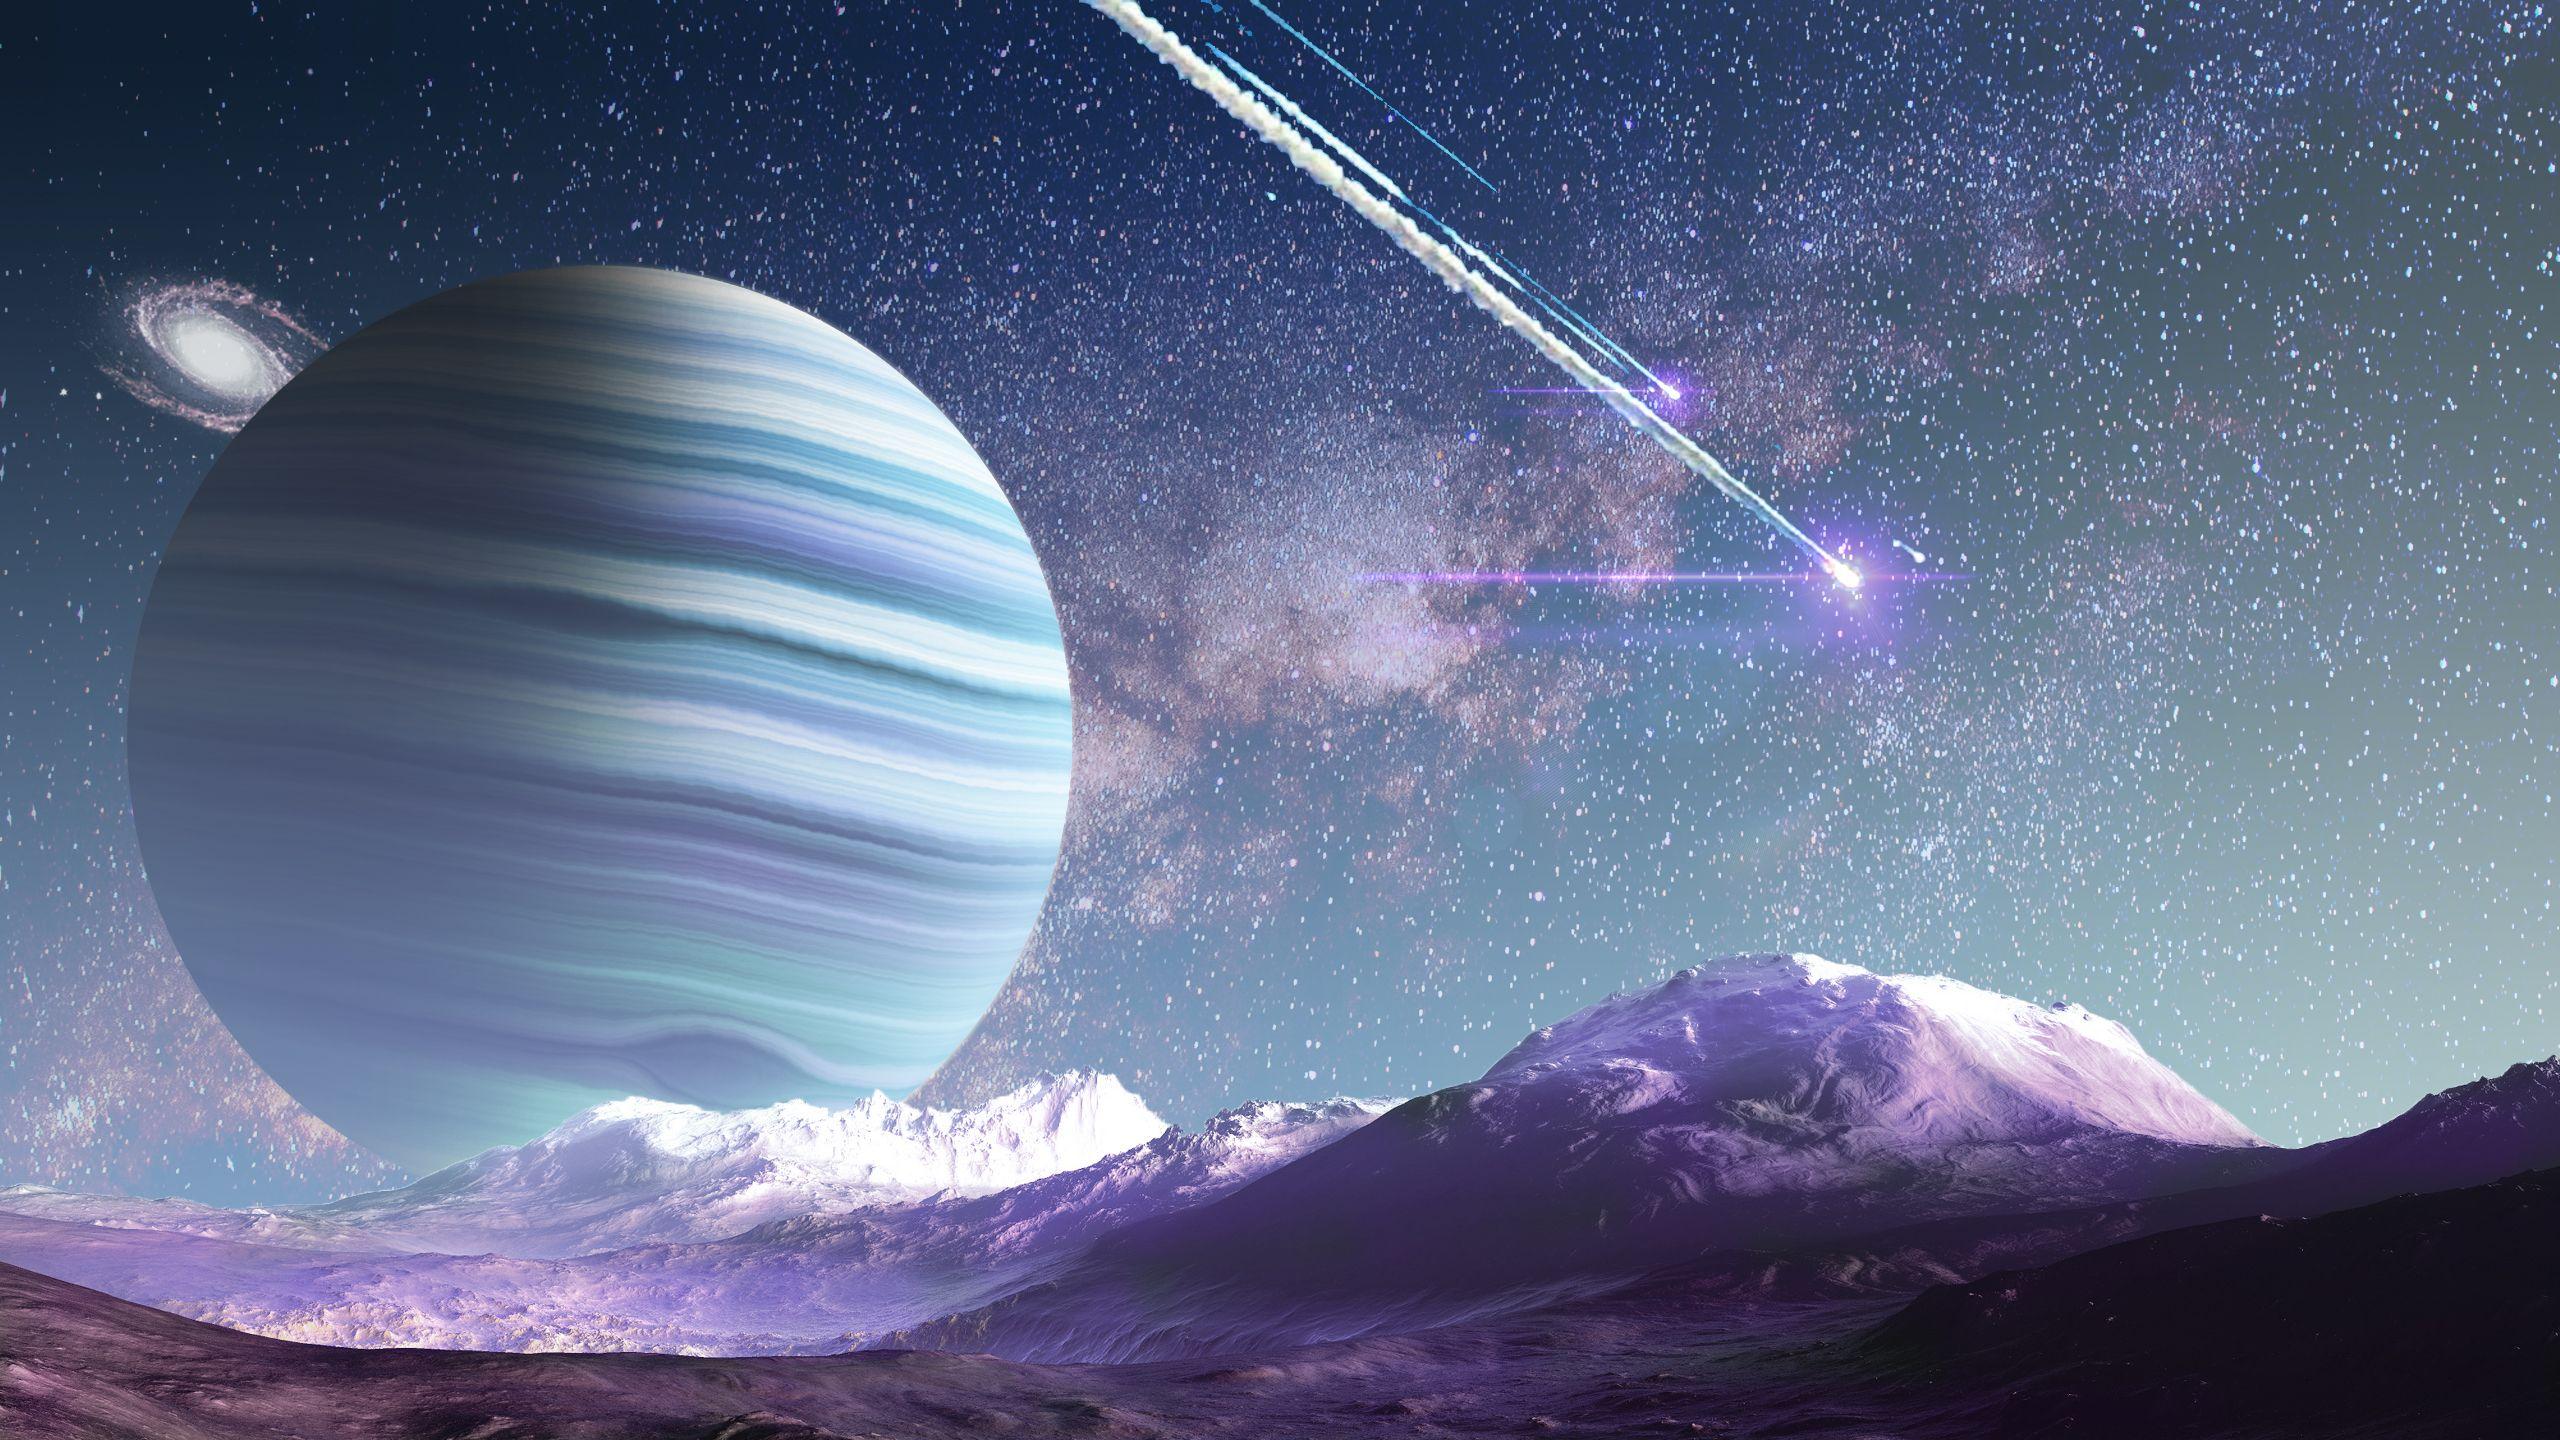 Sci Fi Wallpaper 125 2560x1440